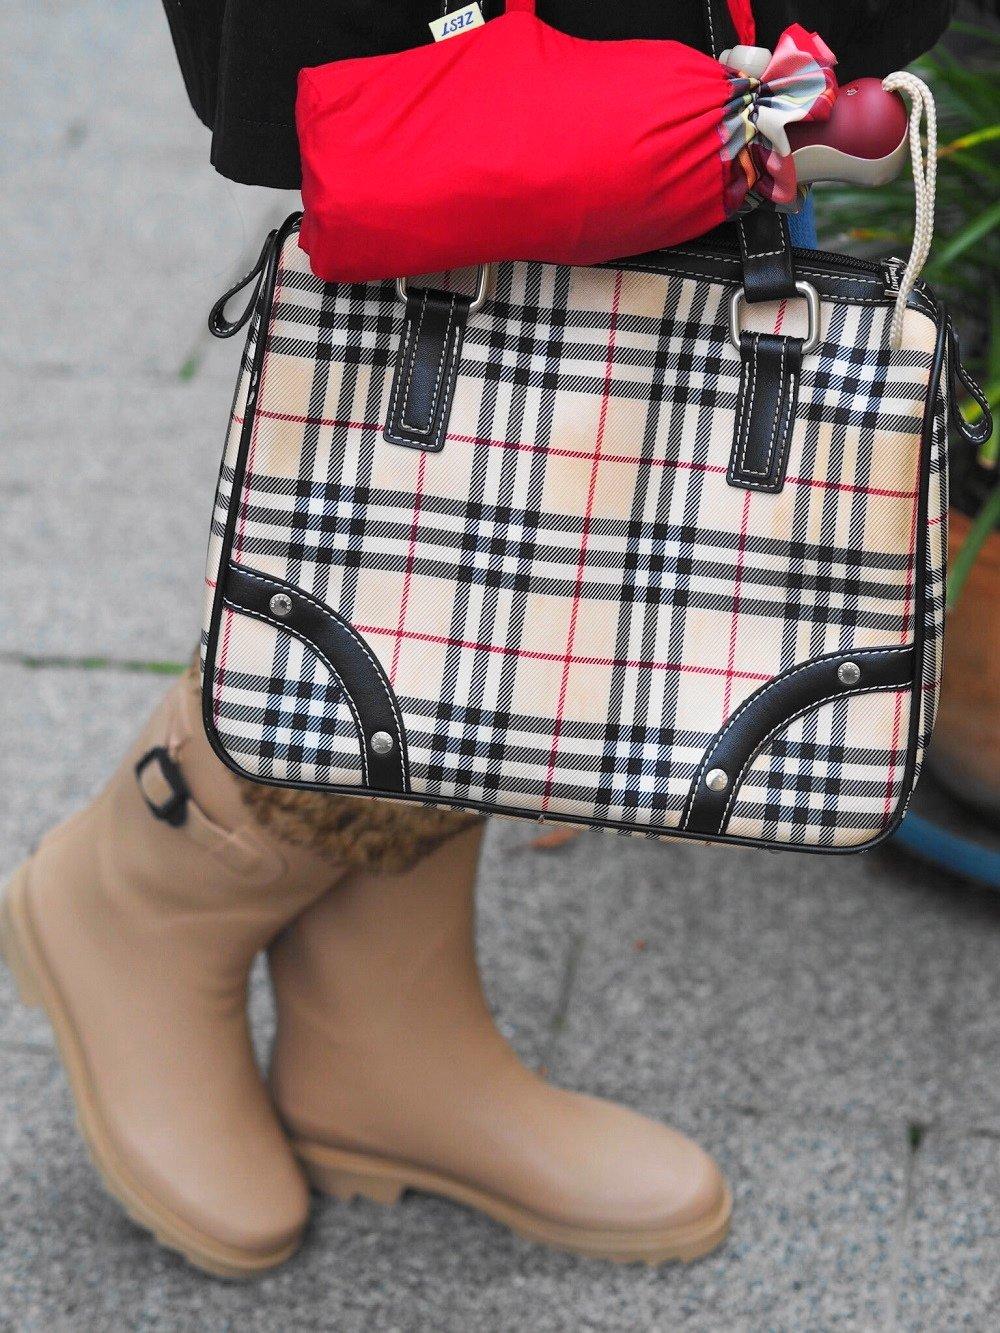 Heute zeige ich euch auf meinem Blog zwei tolle Yarn-Dyed Looks mit einem praktischen Taschenschirm der Marke ZEST und stelle die Firma näher vor